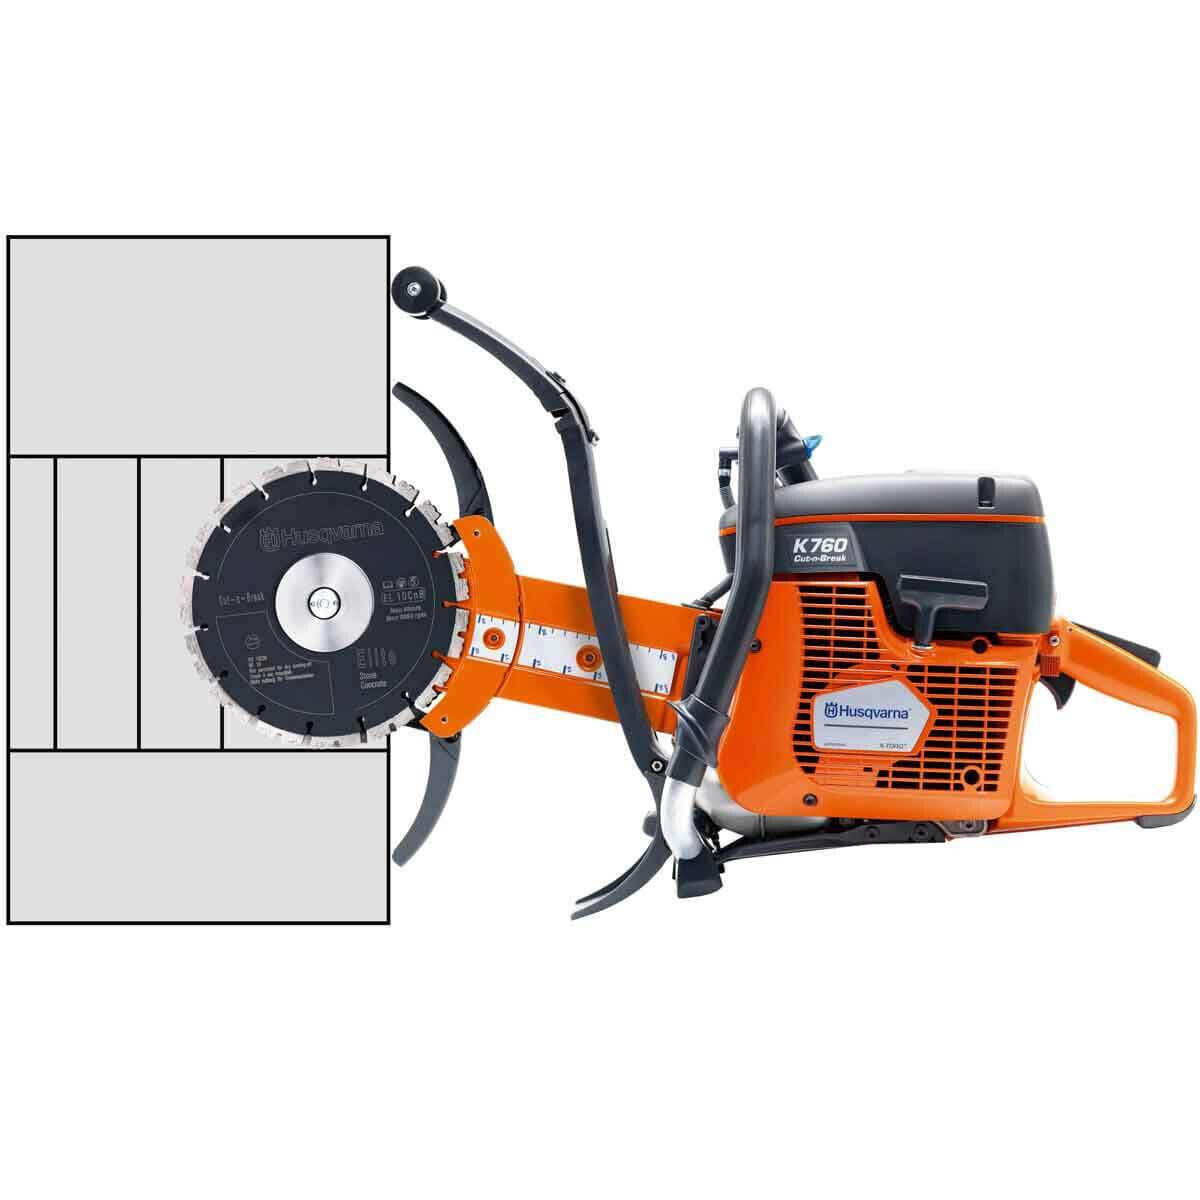 Husqvarna K760 Cut-n-Break Concrete Saw Cutting Depth